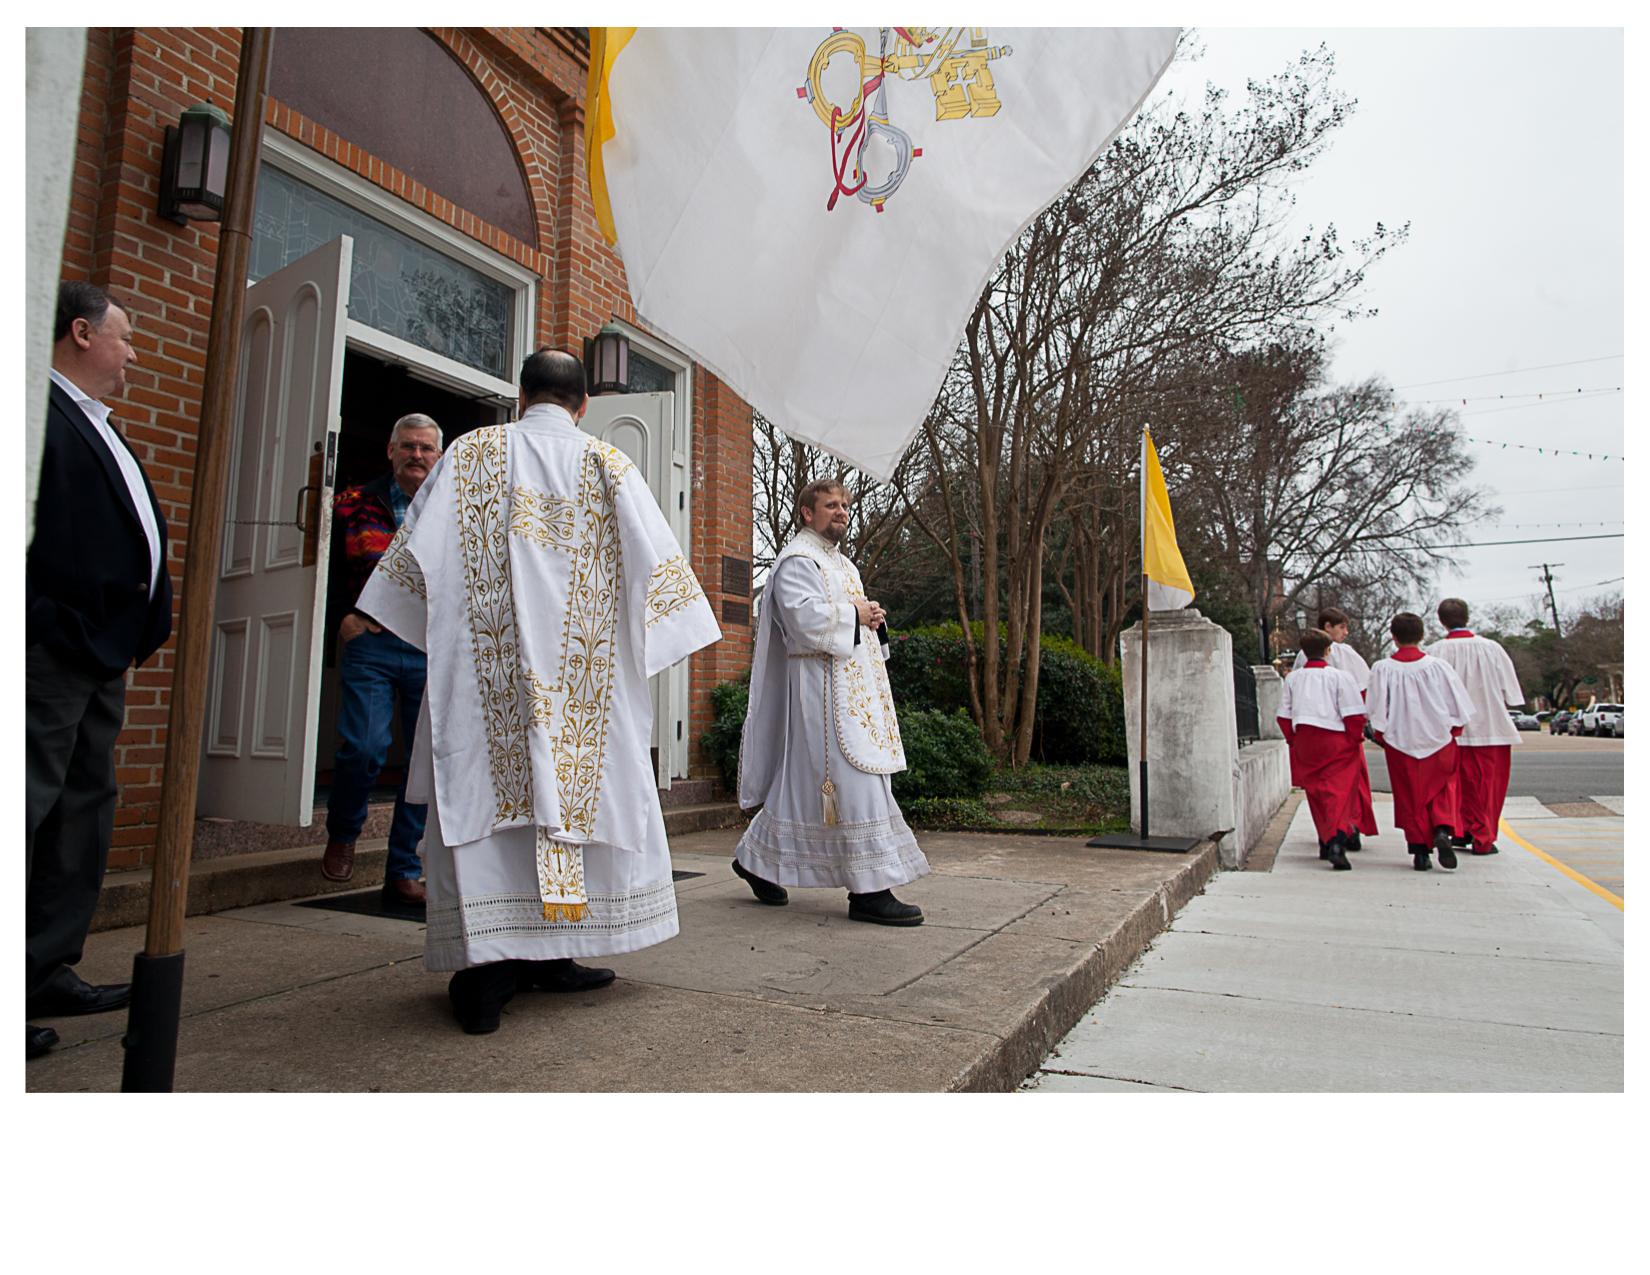 After Sunday Mass, Natchitoches, LA